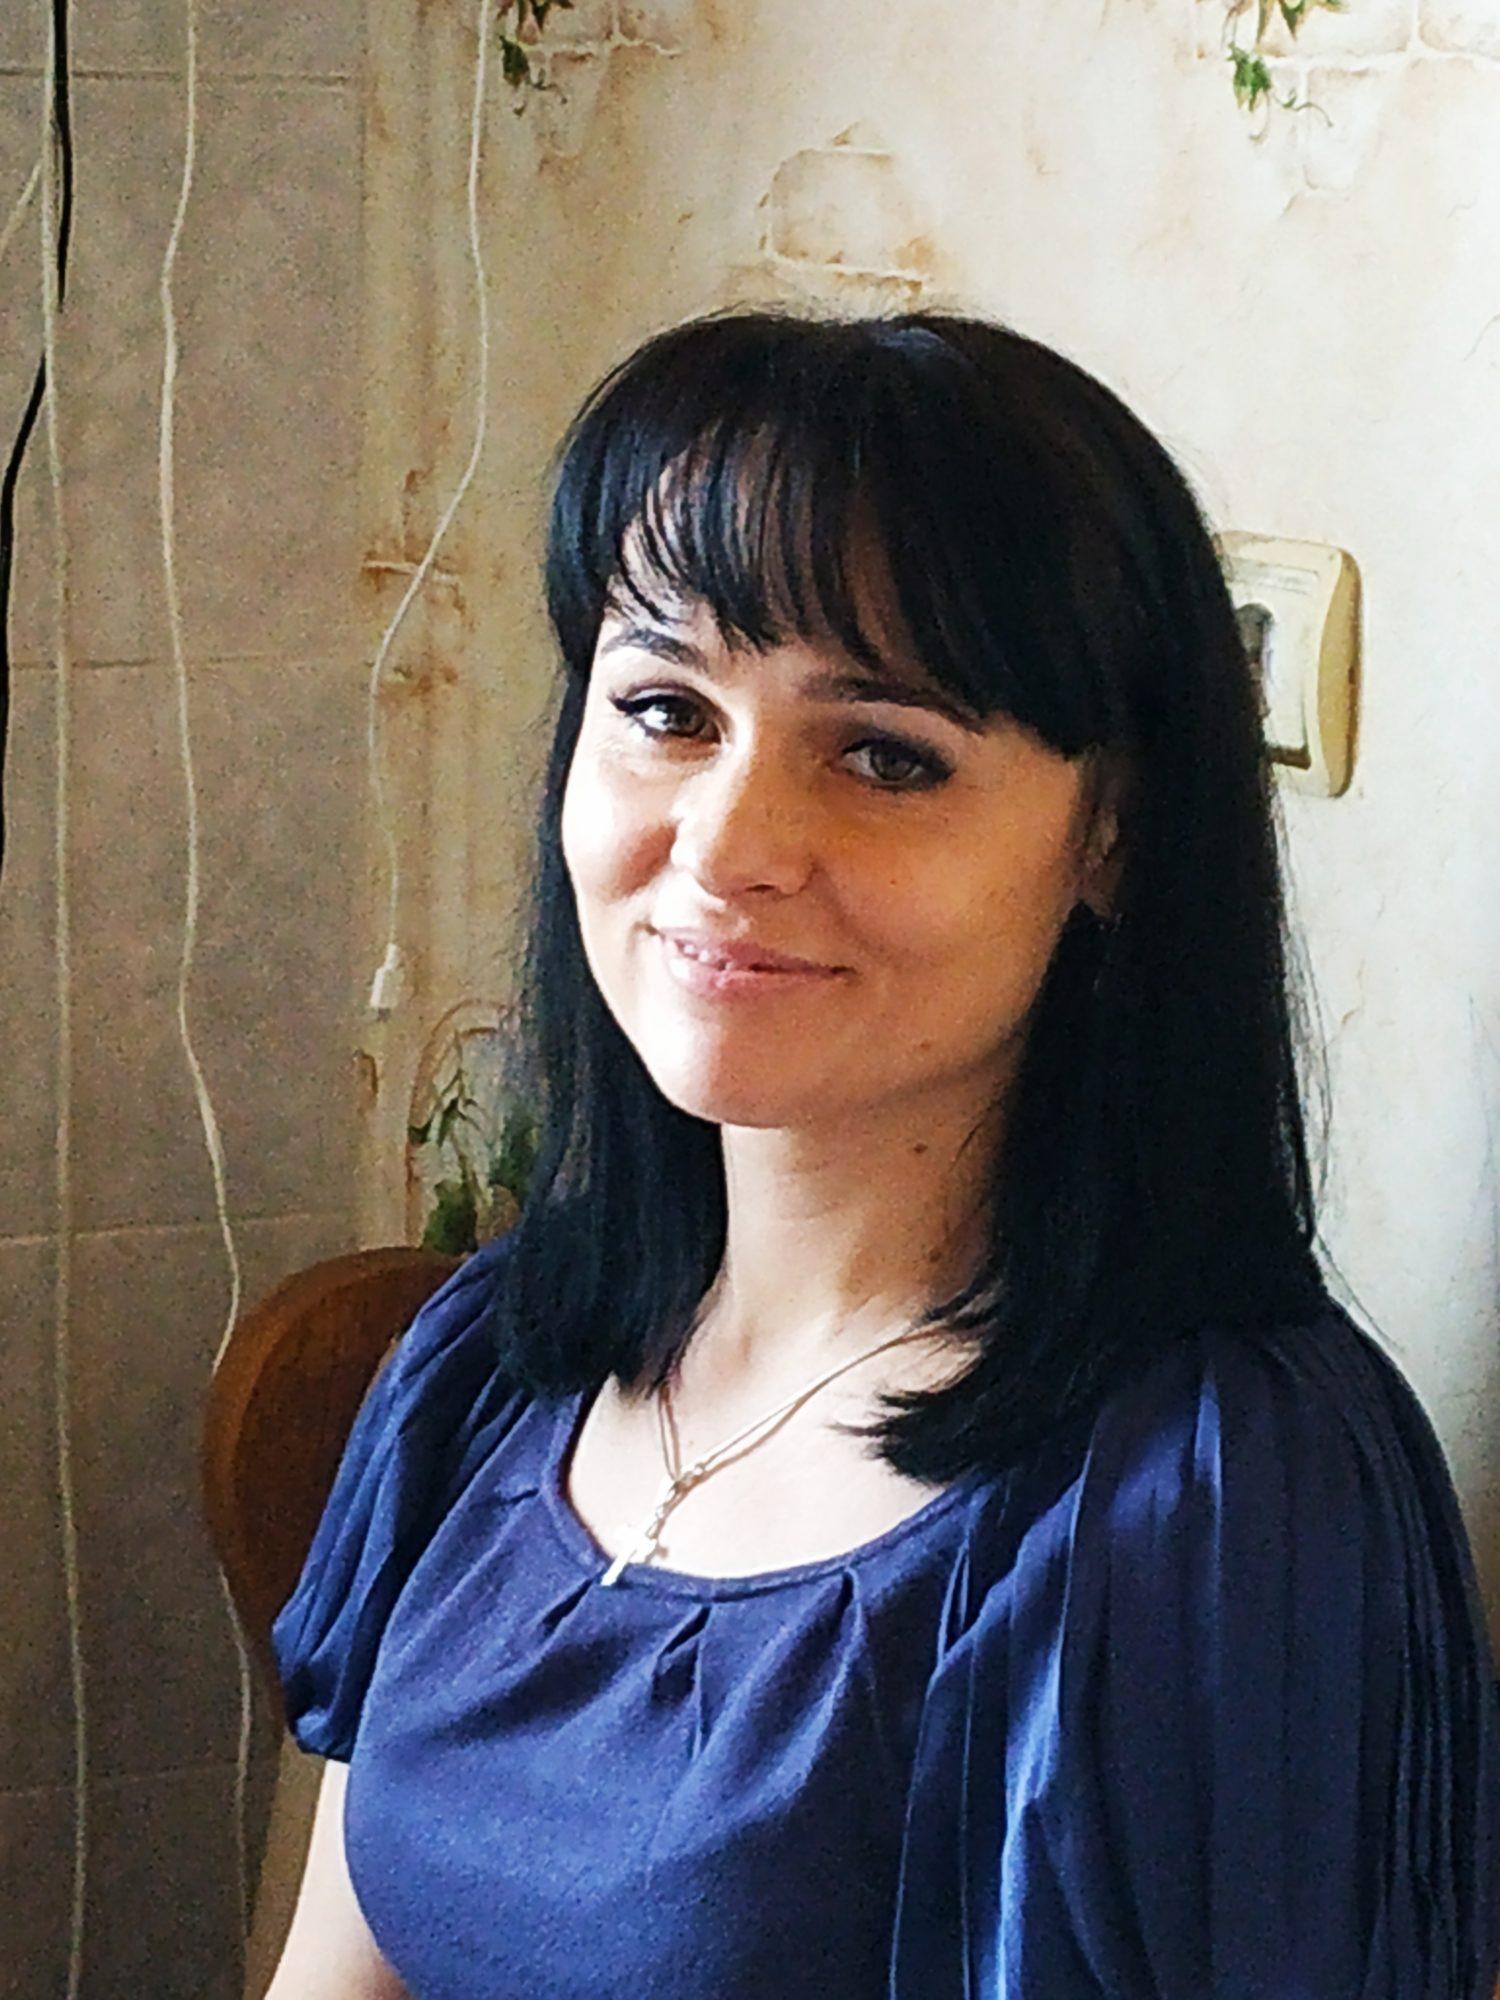 У Вишгороді створюють банк одягу - Червоний Хрест, приміщення для благодійних цілей, київщина, Вишгород, банк одягу, асоціація багатодітних родин «Перлина» - 0510 Olya Kondratyuk 1500x2000